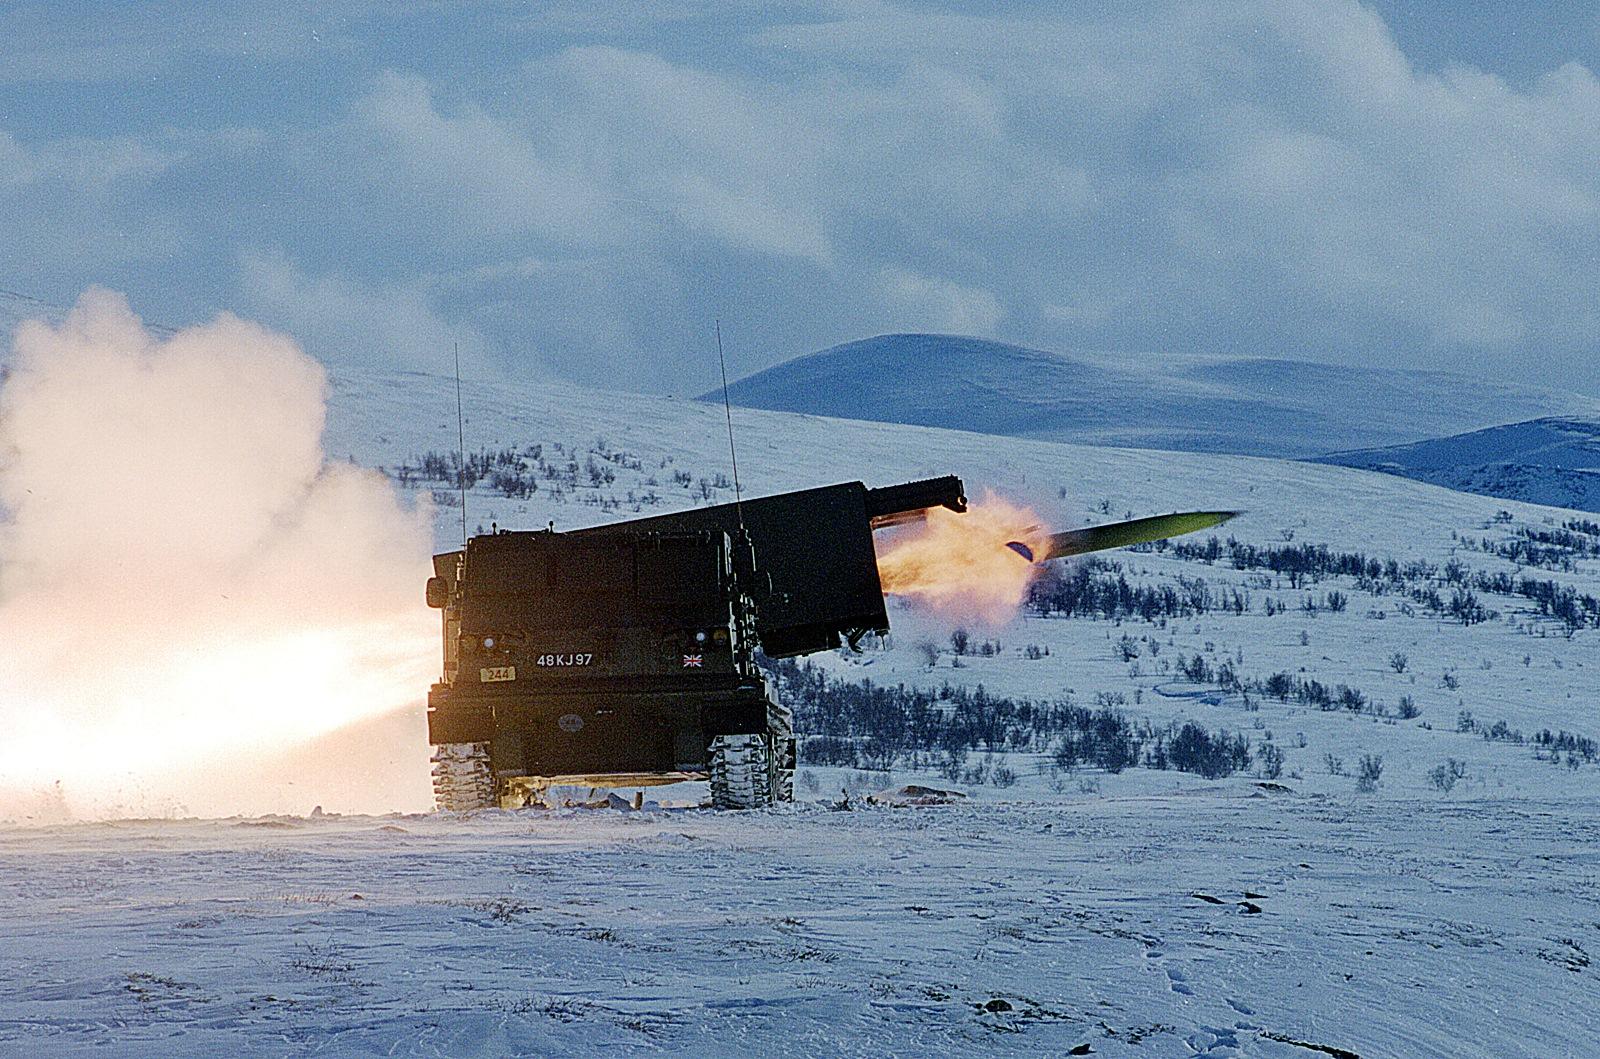 노르웨이육군 MLRS 로켓 사격 훈련